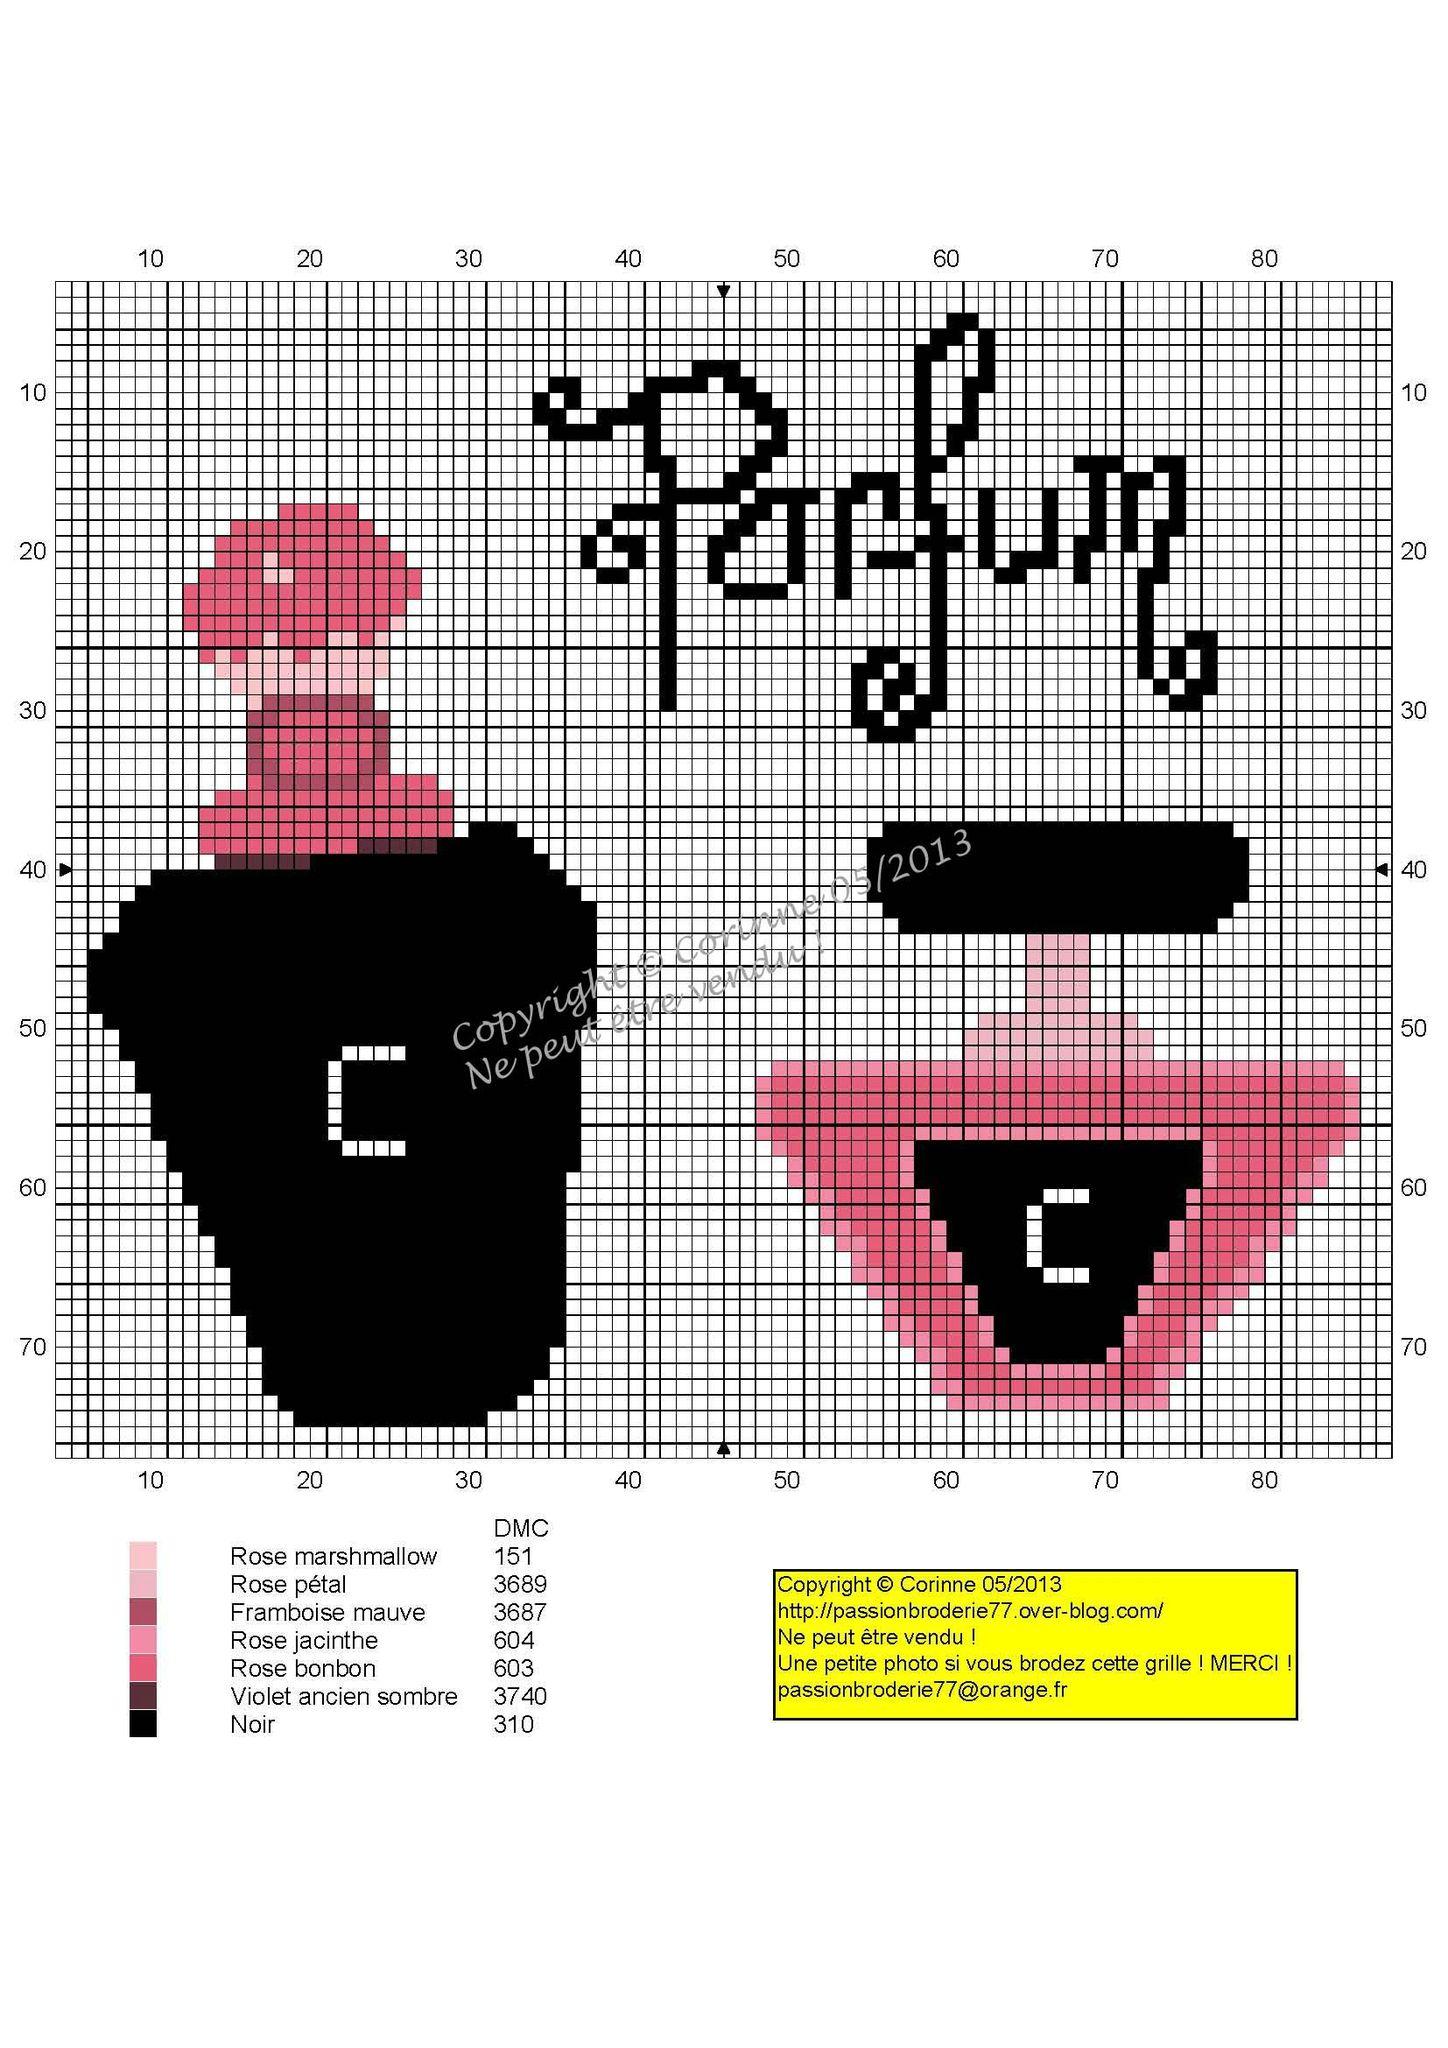 Parfum copie